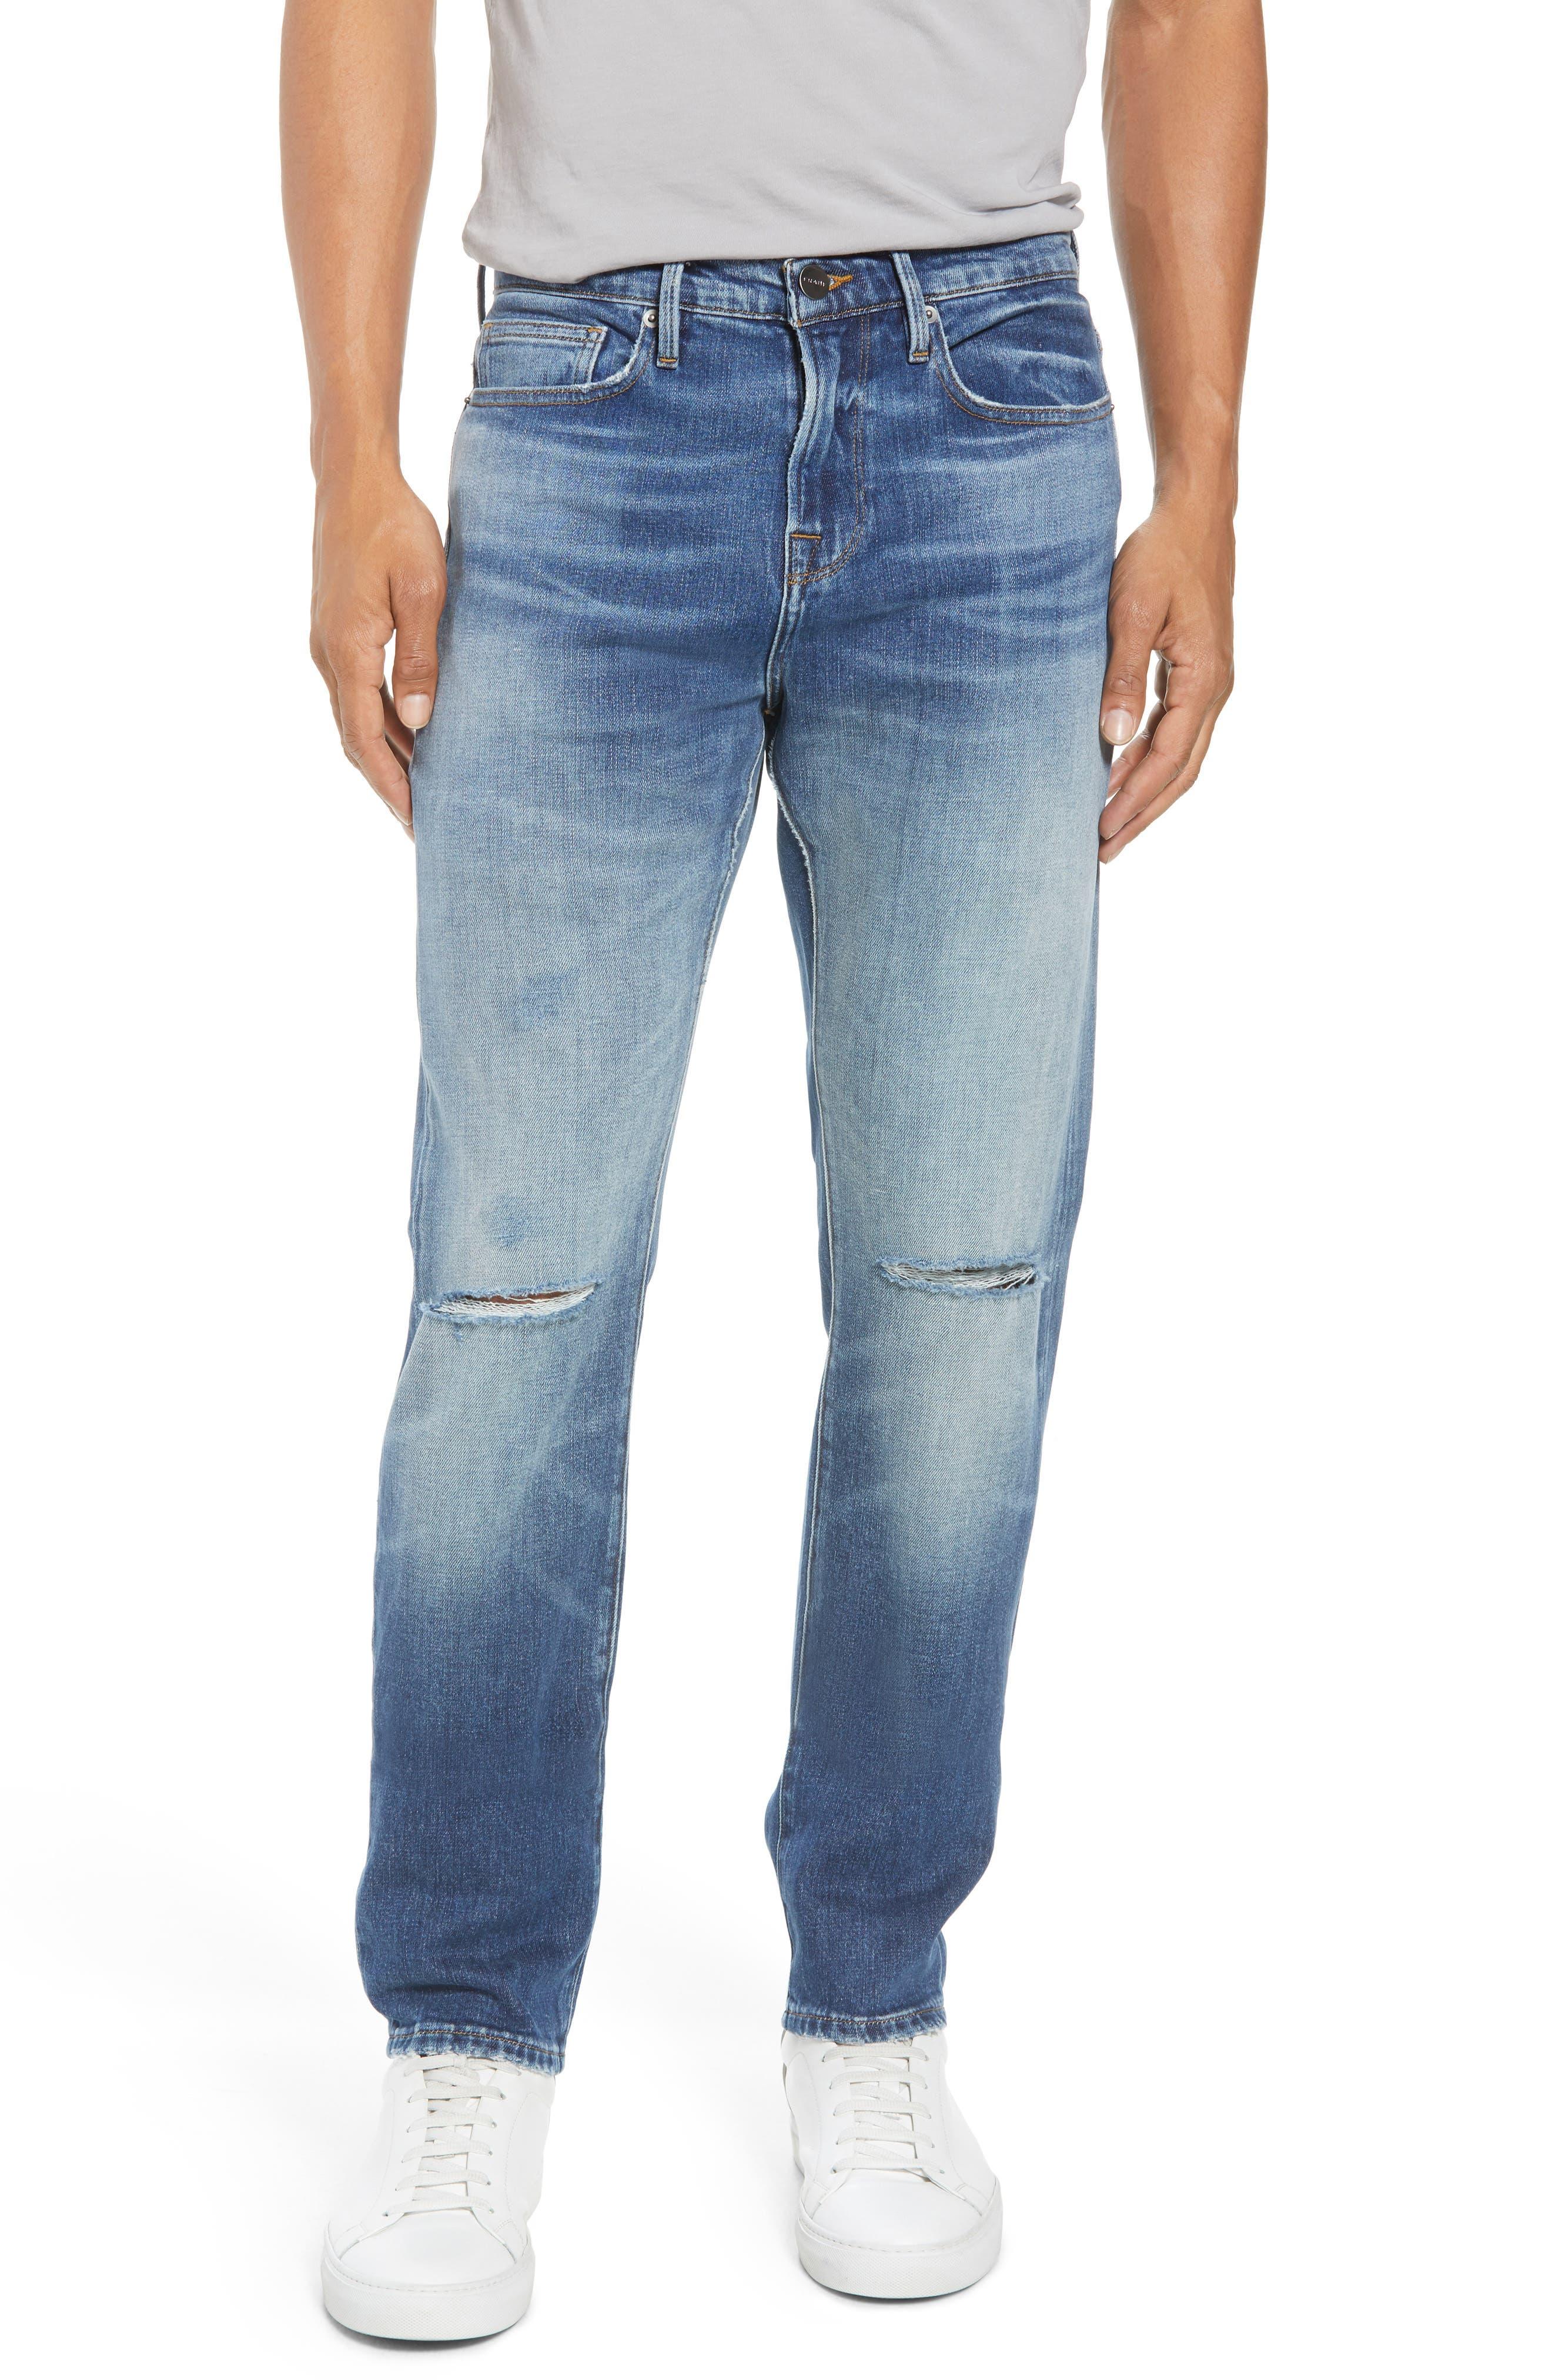 L'Homme Slim Fit Jeans,                             Main thumbnail 1, color,                             Yucca